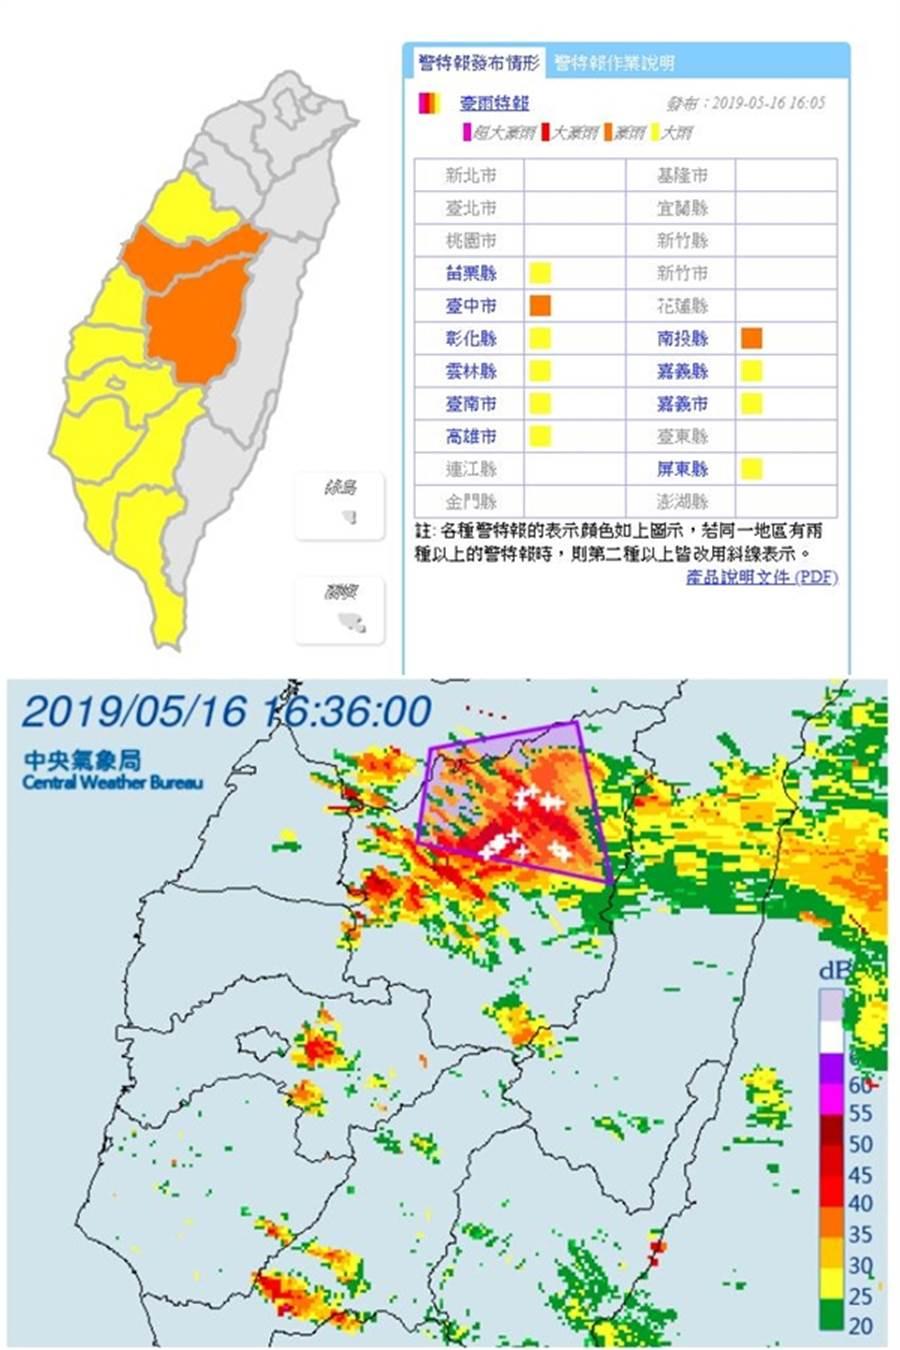 上圖:午後對流旺盛,氣象局針對10縣市發布豪雨及大雨特報。下圖:氣象局再針對台中、南投發布大雷雨即時訊息。(圖/氣象局)